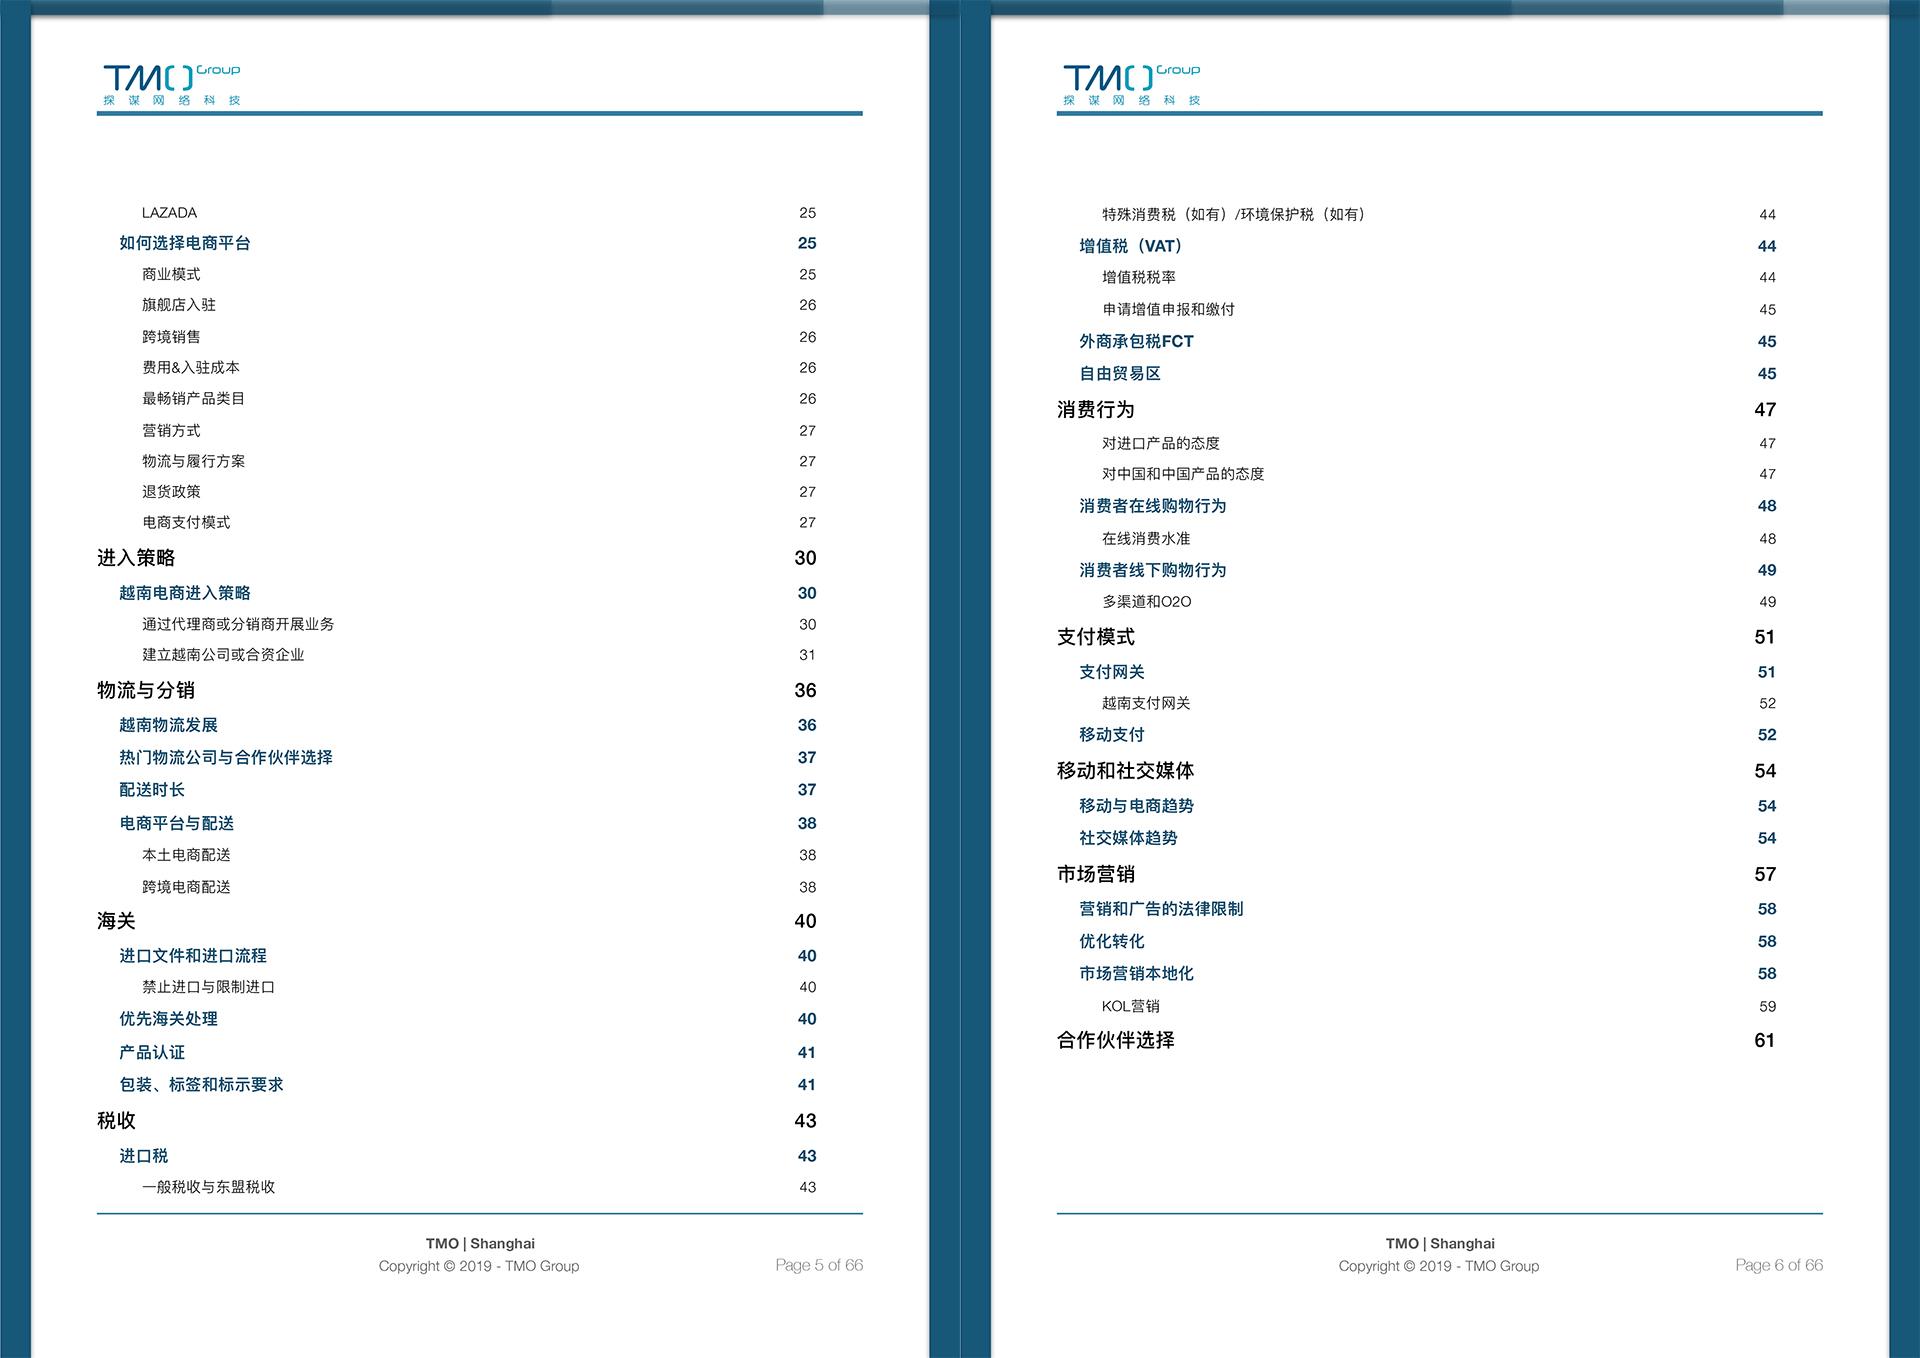 越南电商目录2